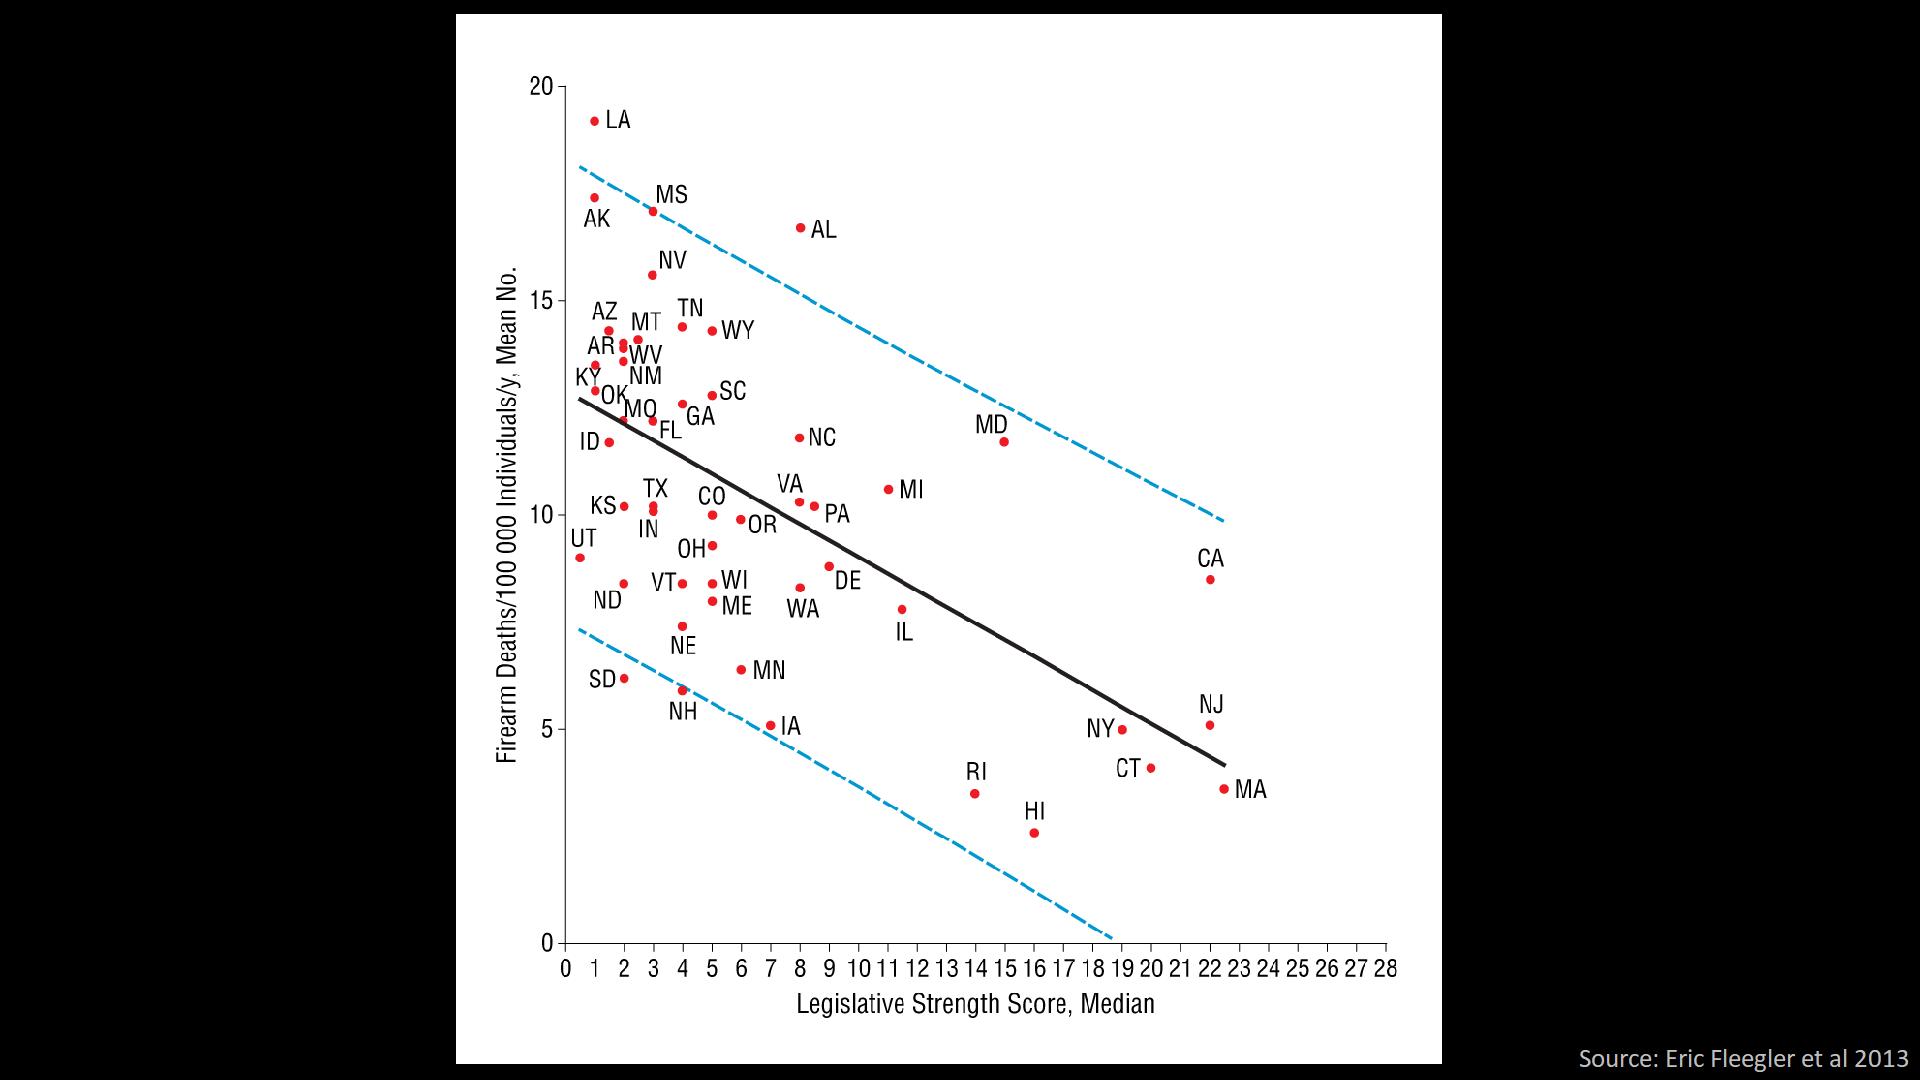 fleegler graph 1.png